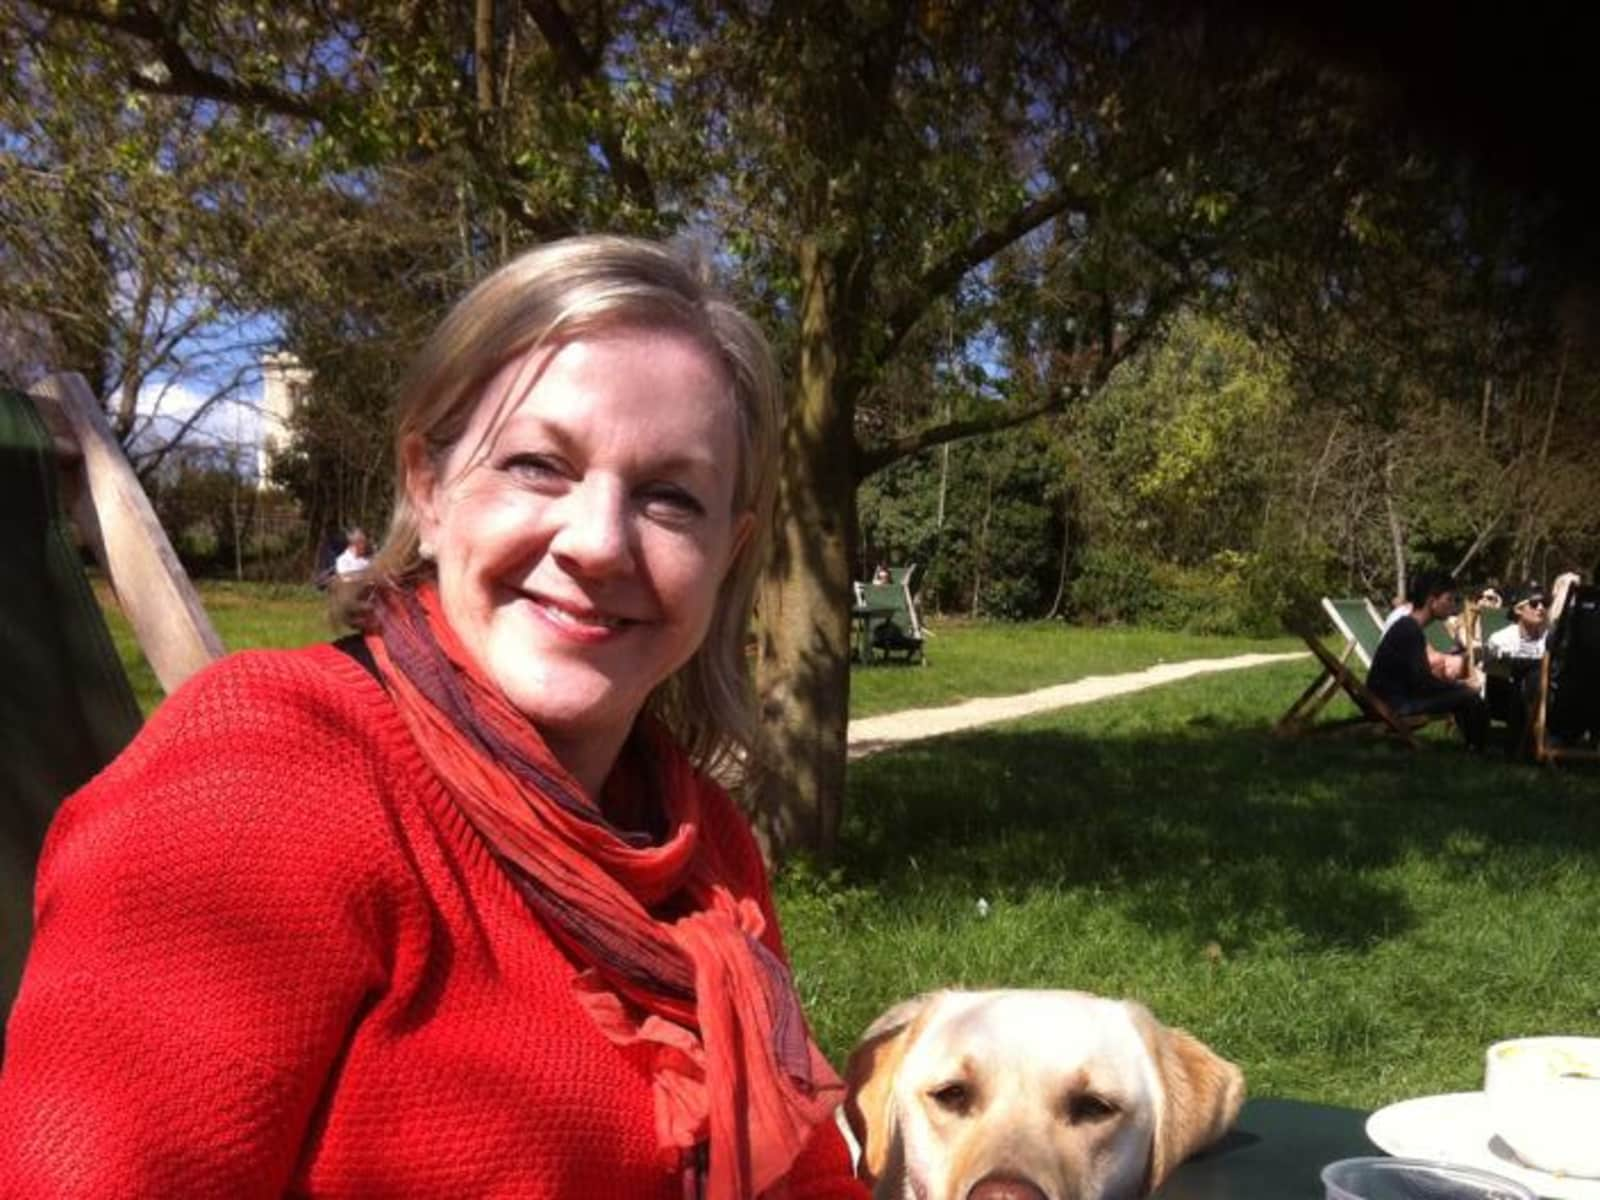 Robyn from Cambridge, United Kingdom